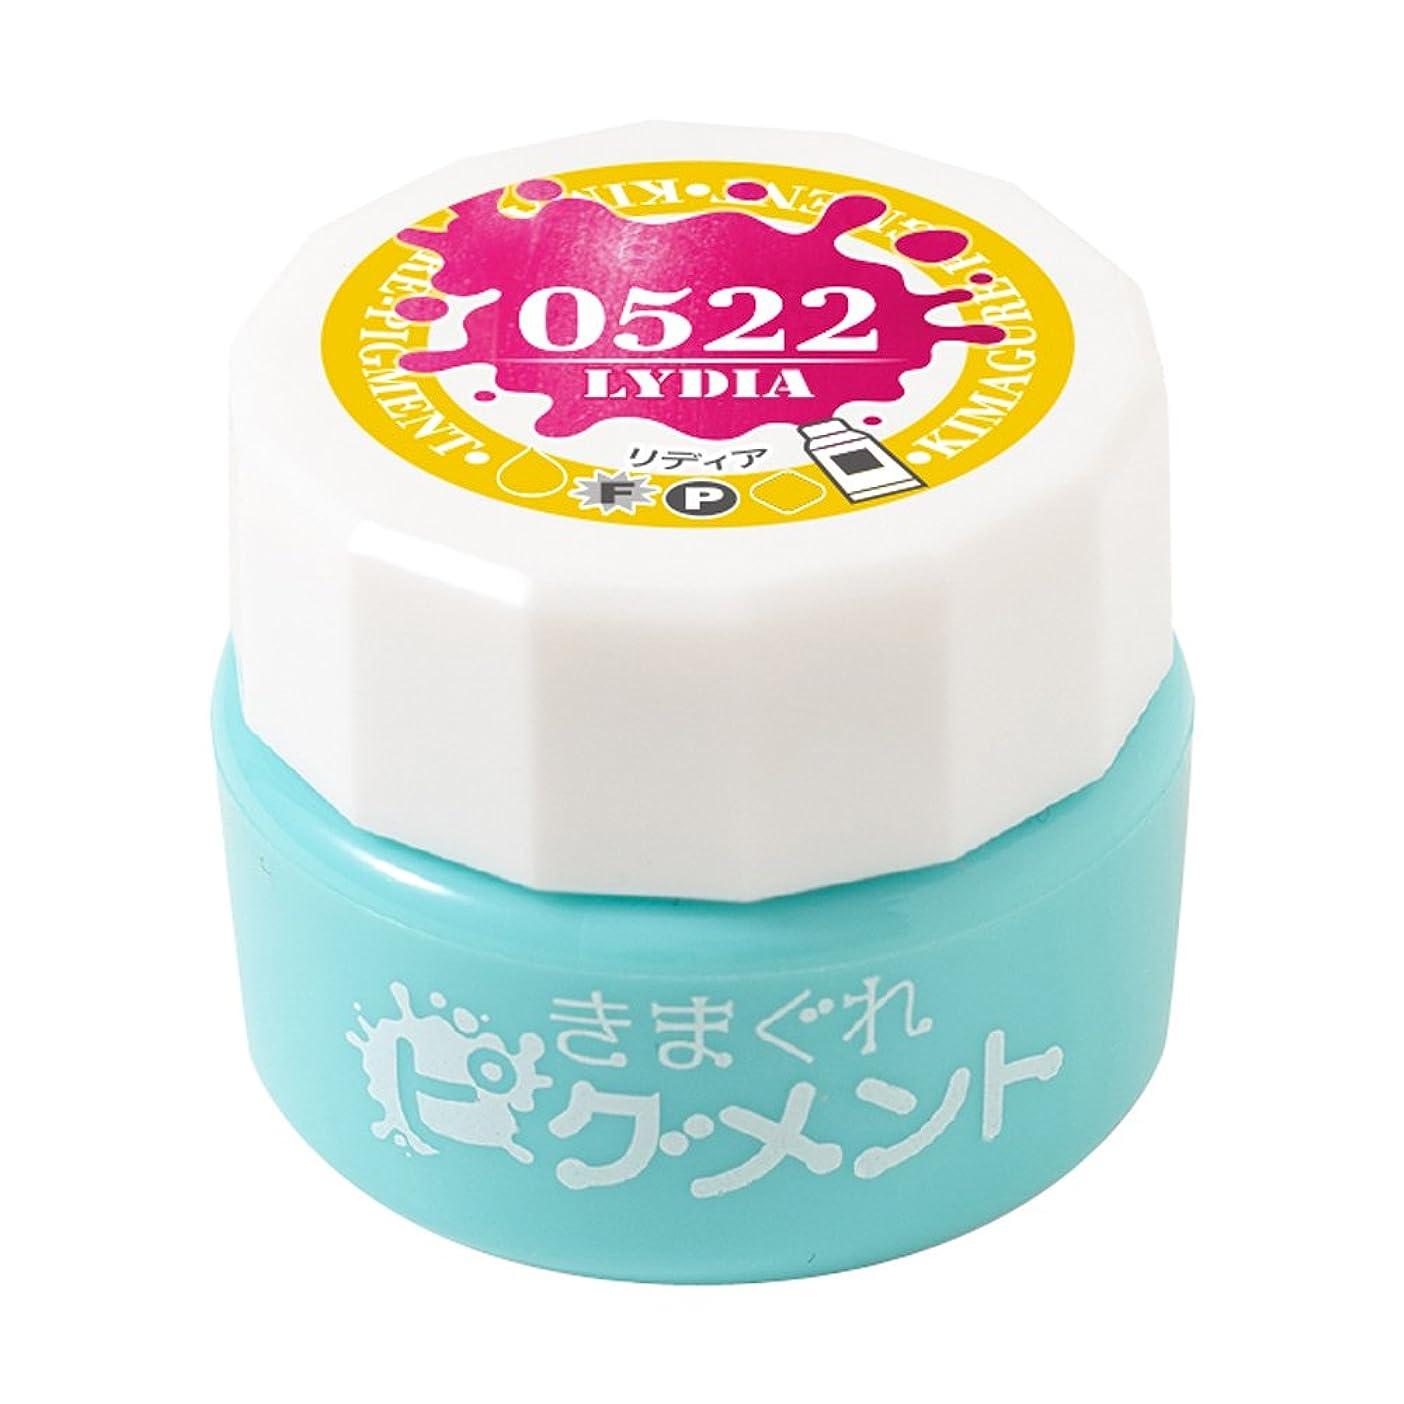 減らすアレルギー性メダリストBettygel きまぐれピグメント リディア QYJ-0522 4g UV/LED対応